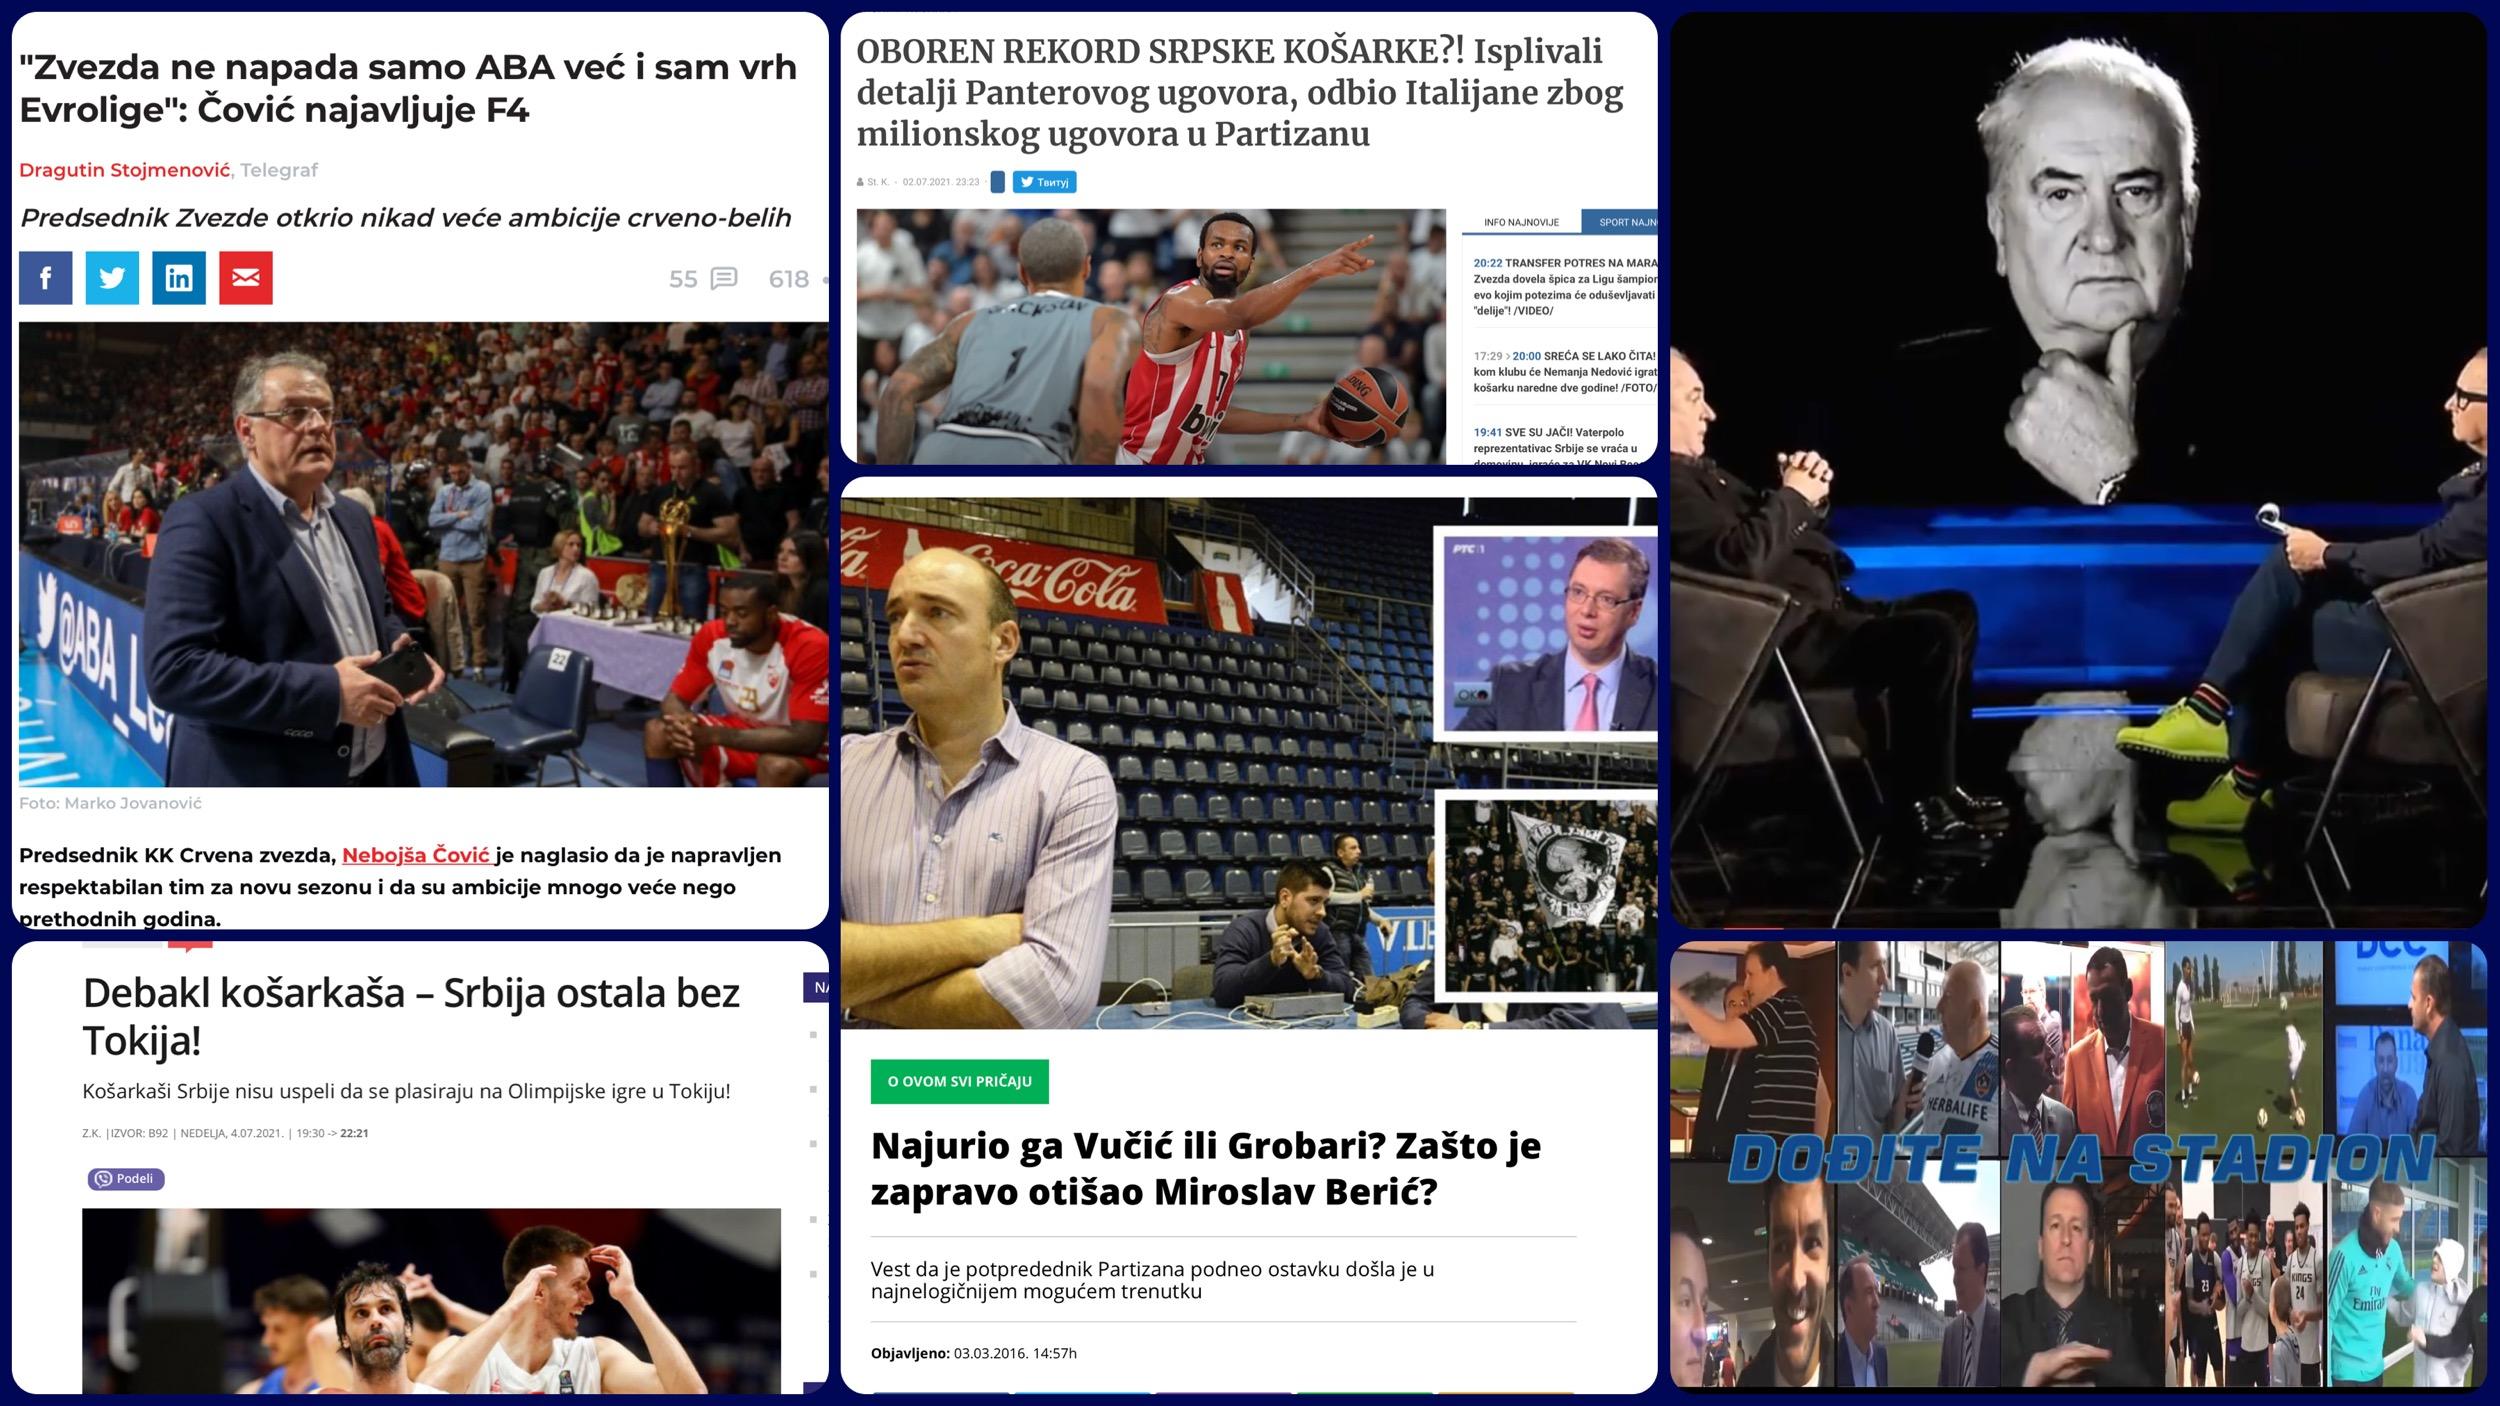 Dođite na stadion broj 435. Lelek debelog deteta koje ima sve i Hrvatska kojoj fali Vučić…(VIDEO)